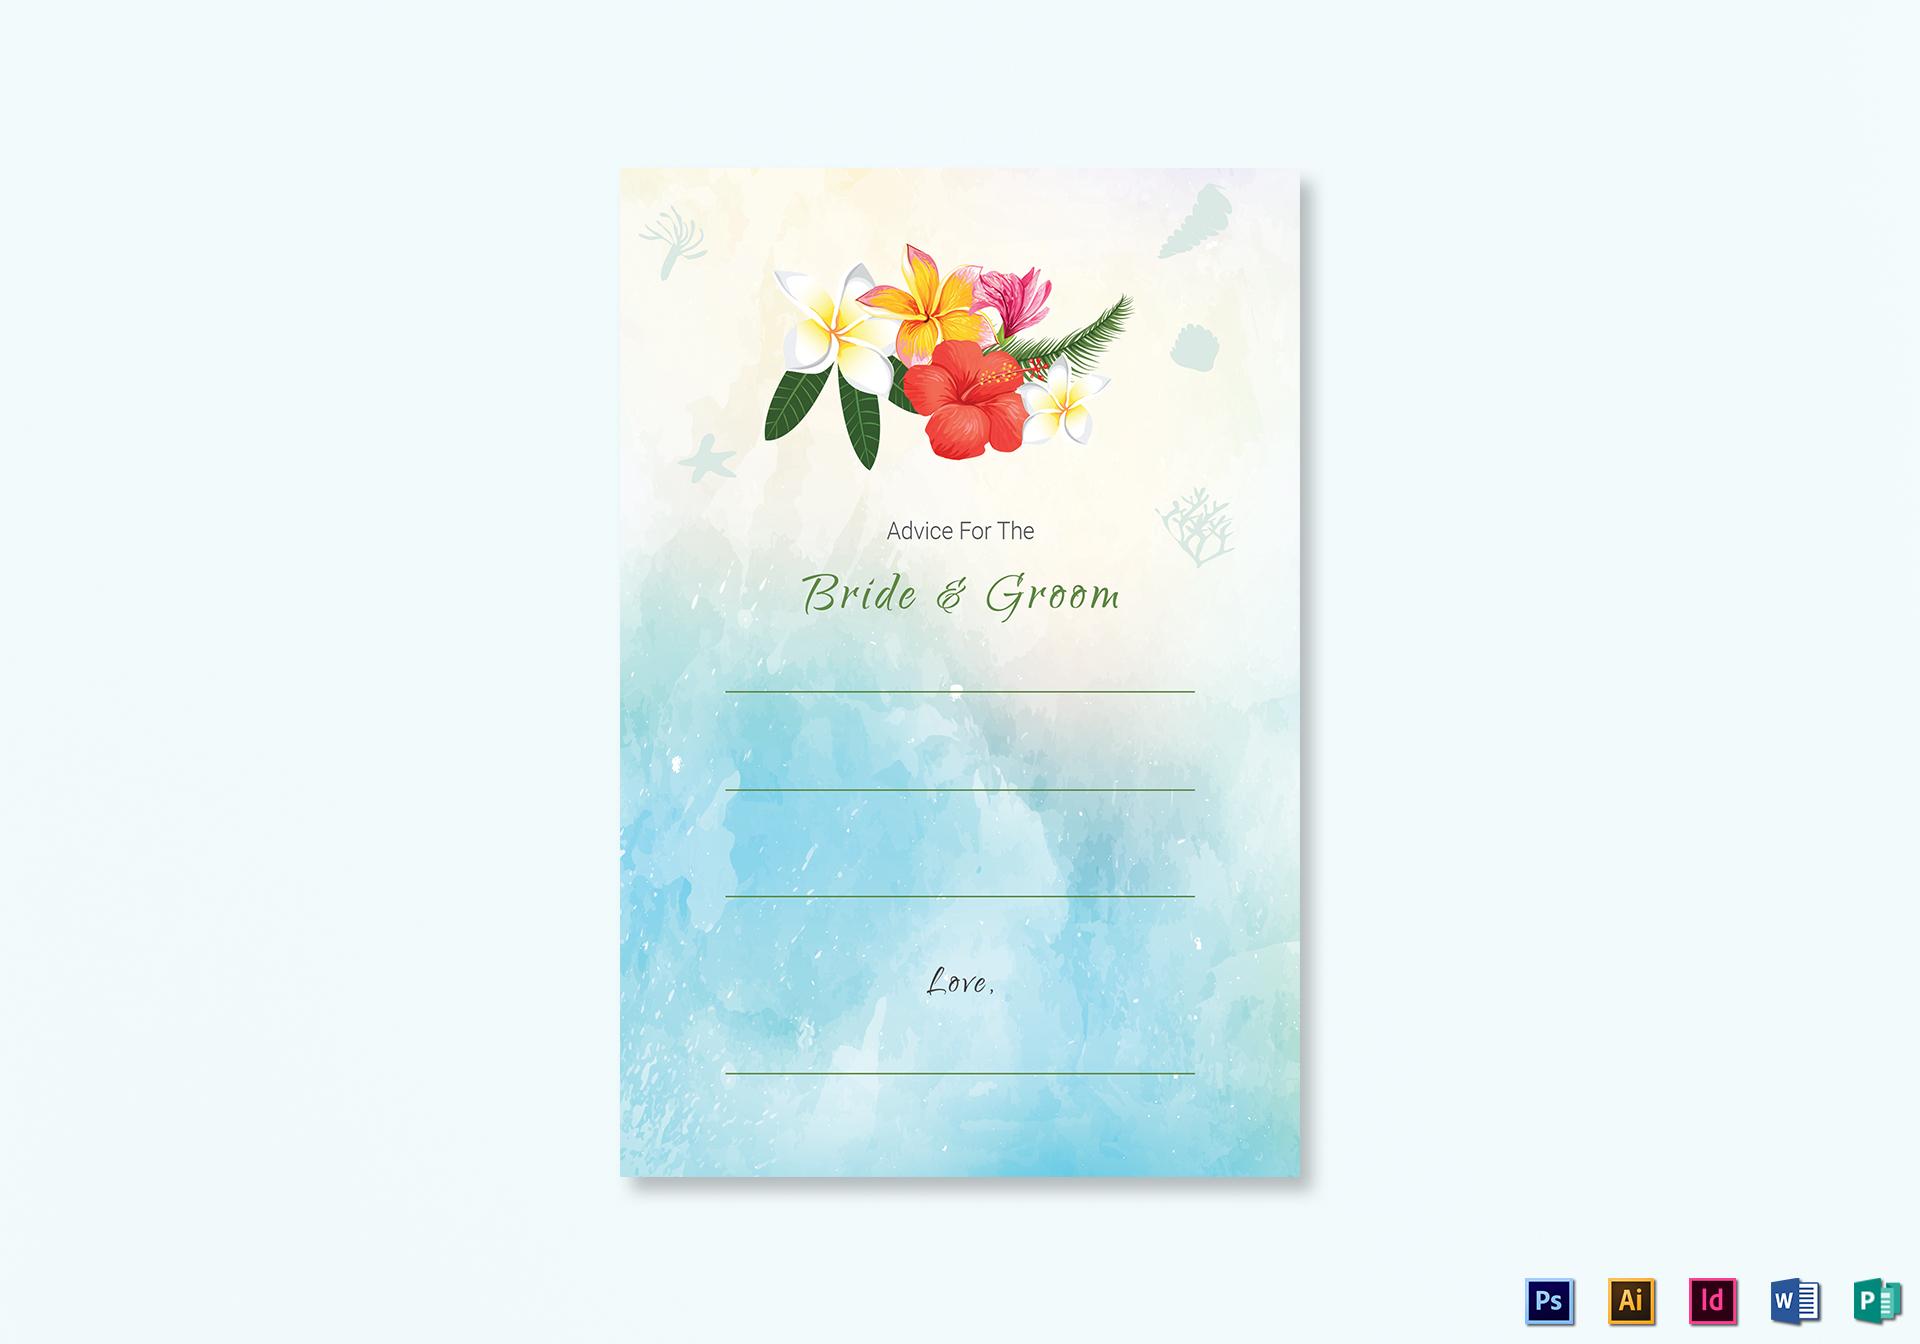 Beach Wedding Advice Card Template